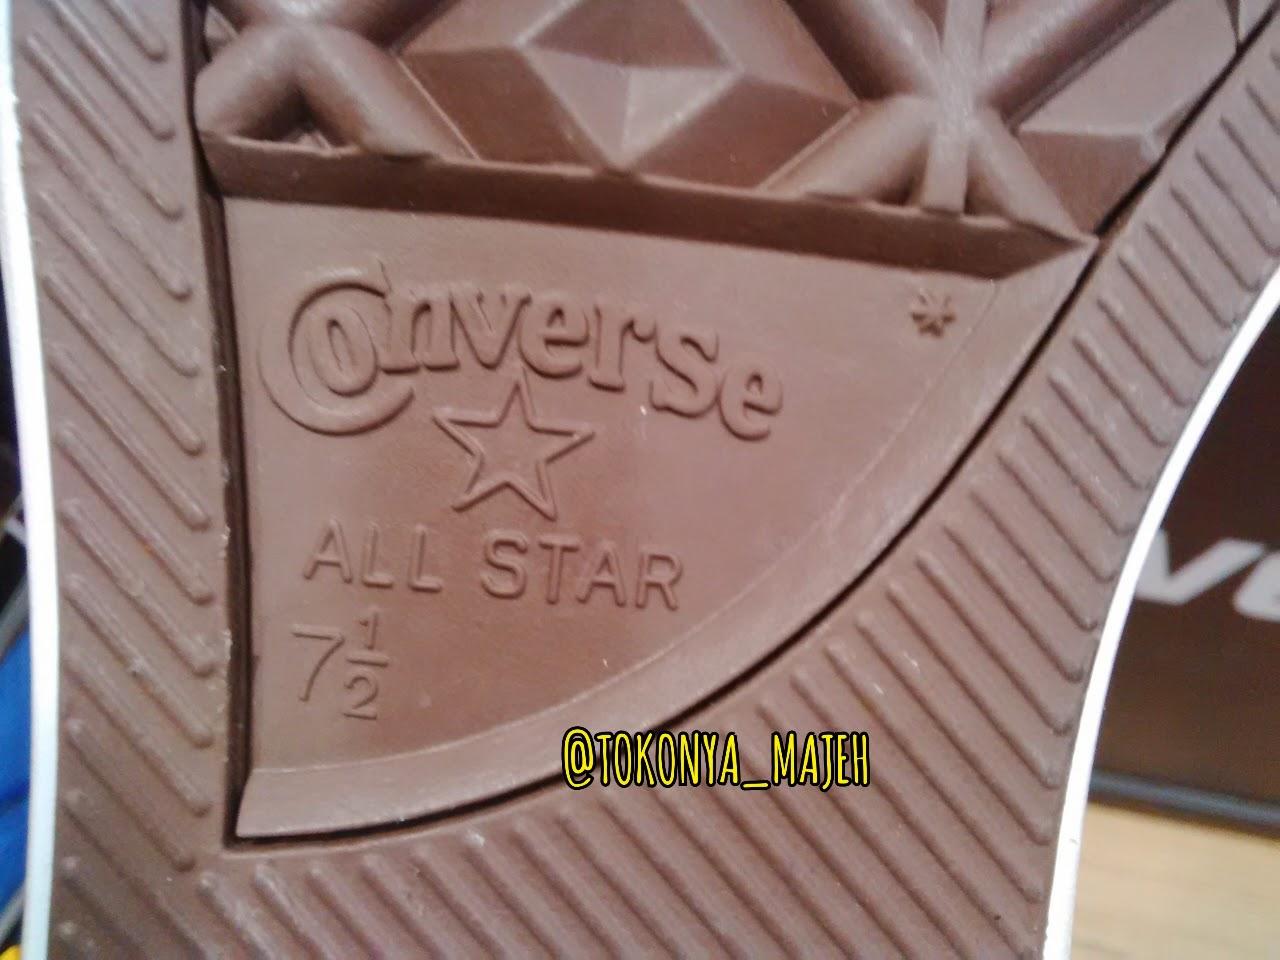 PUNYA MAJEH  Ciri-ciri Sepatu Converse Asli Original Made In ... f4e7191f4f